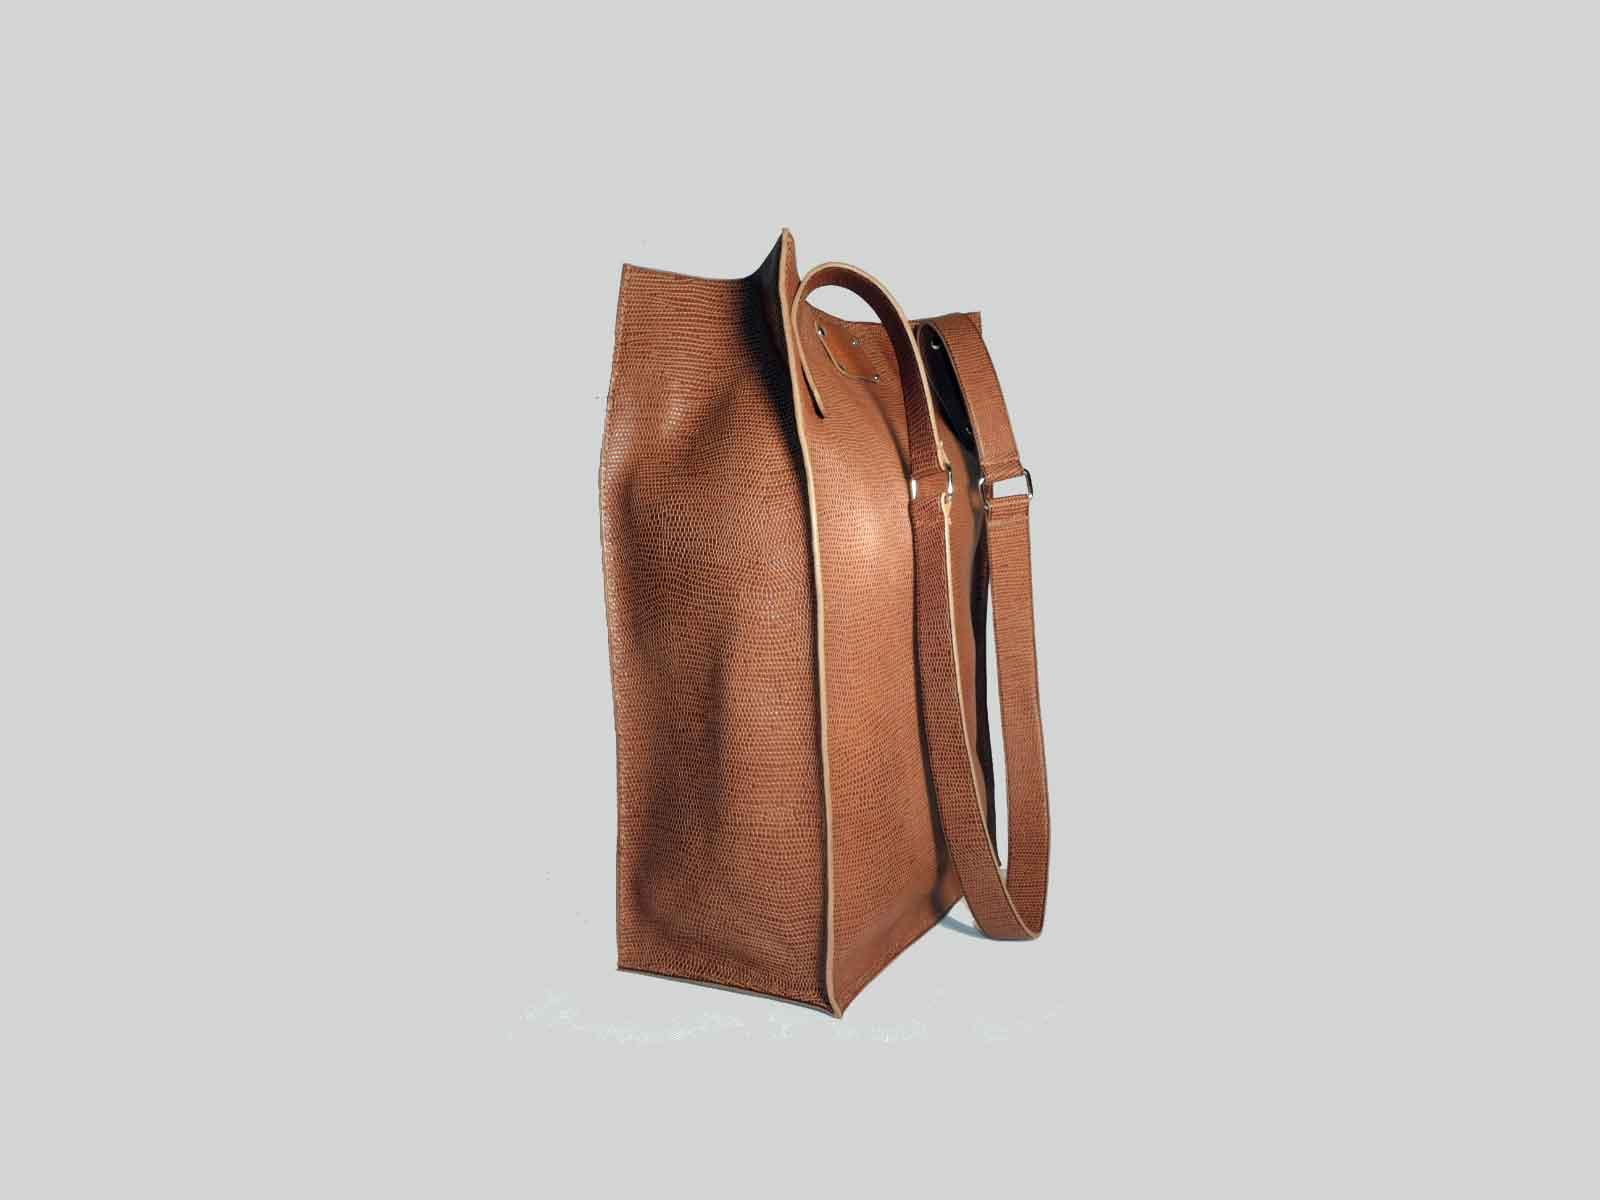 KAMET 3.0 sac shopping en cuir de veau façon reptile noisette